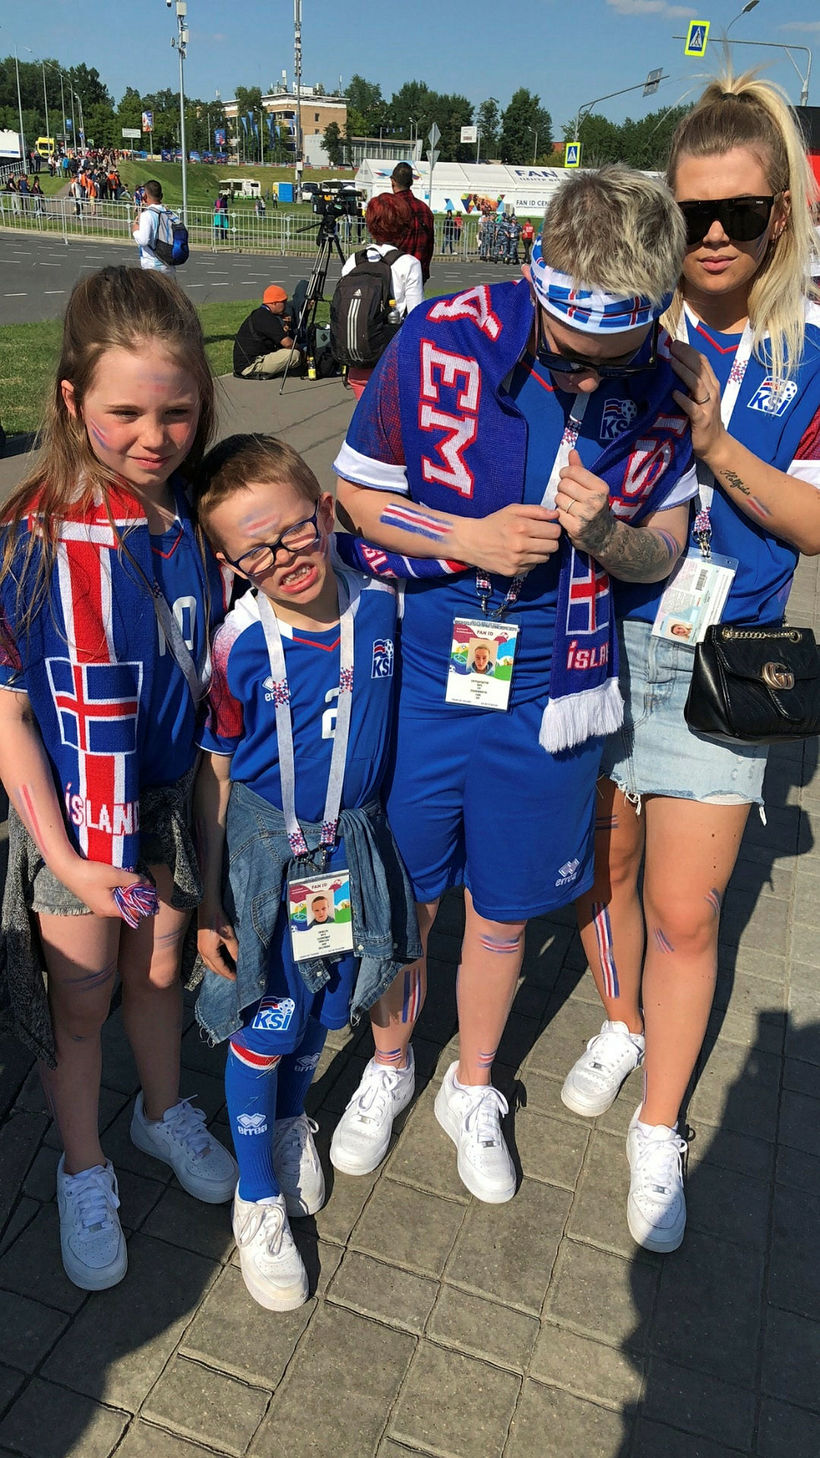 Fjölskyldan beið fyrir utan leikvanginn í langan tíma.